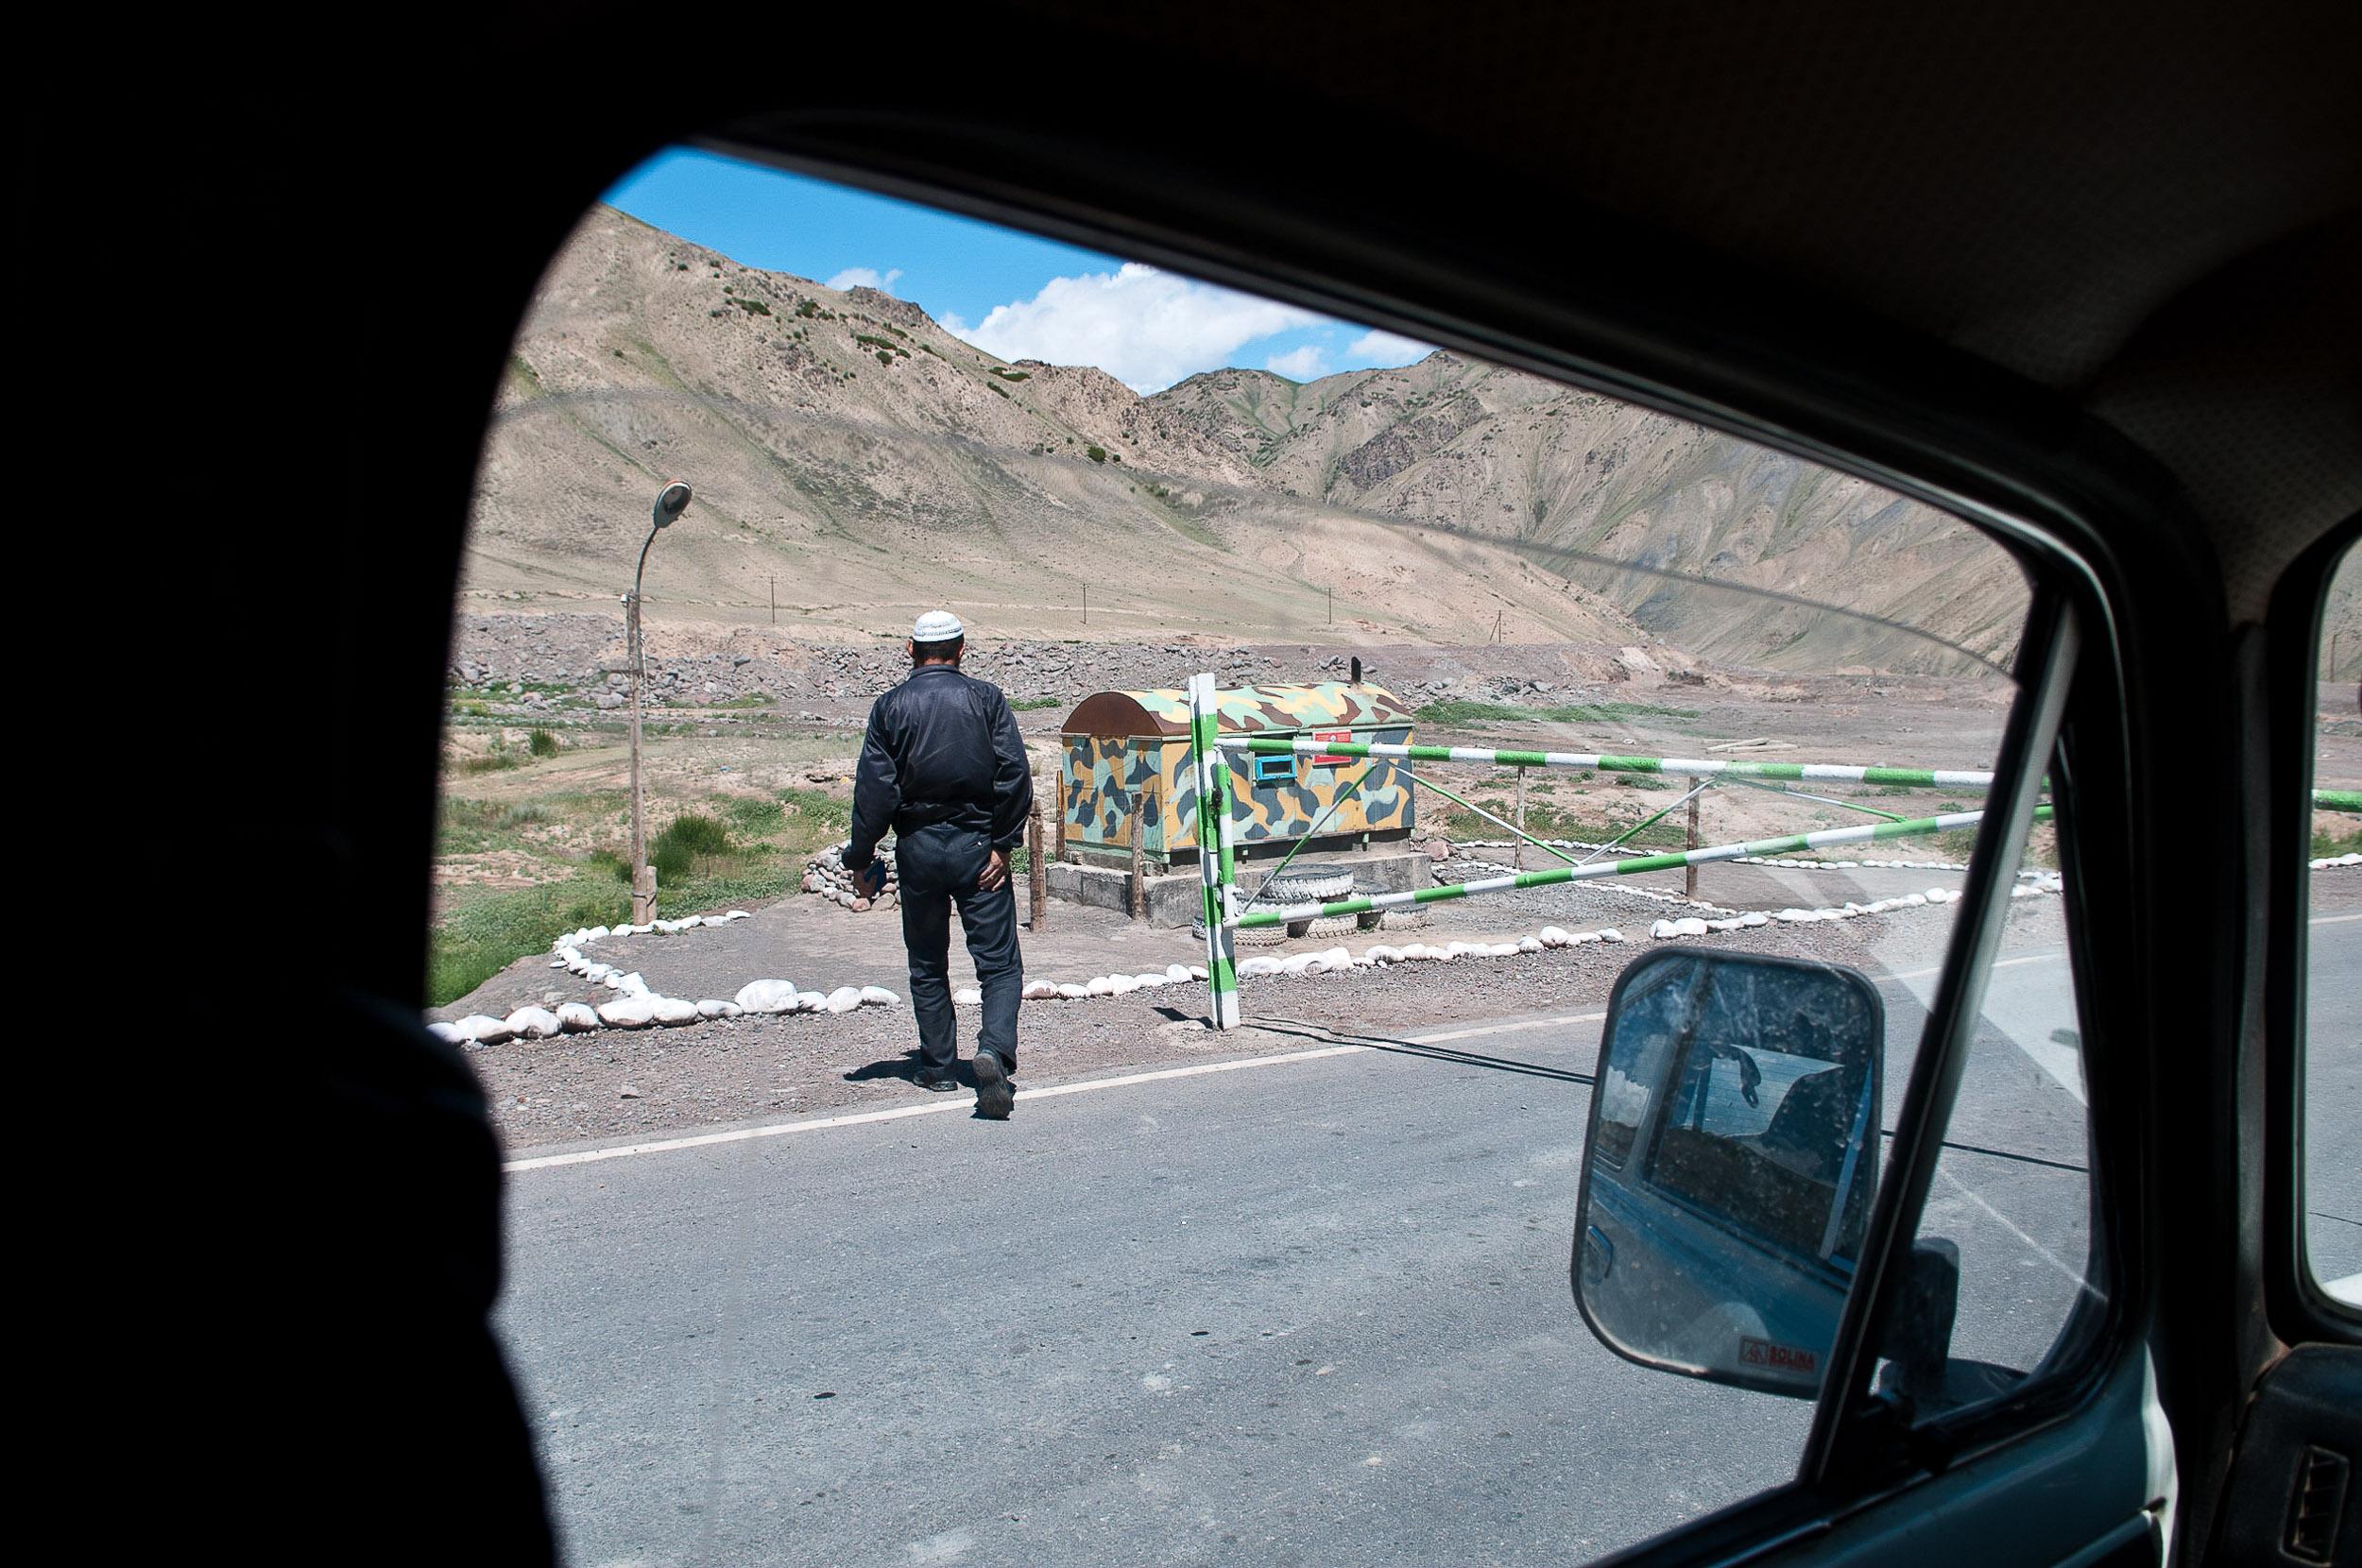 Border post near the Tian Shan mountains, Kyrgyzstan.